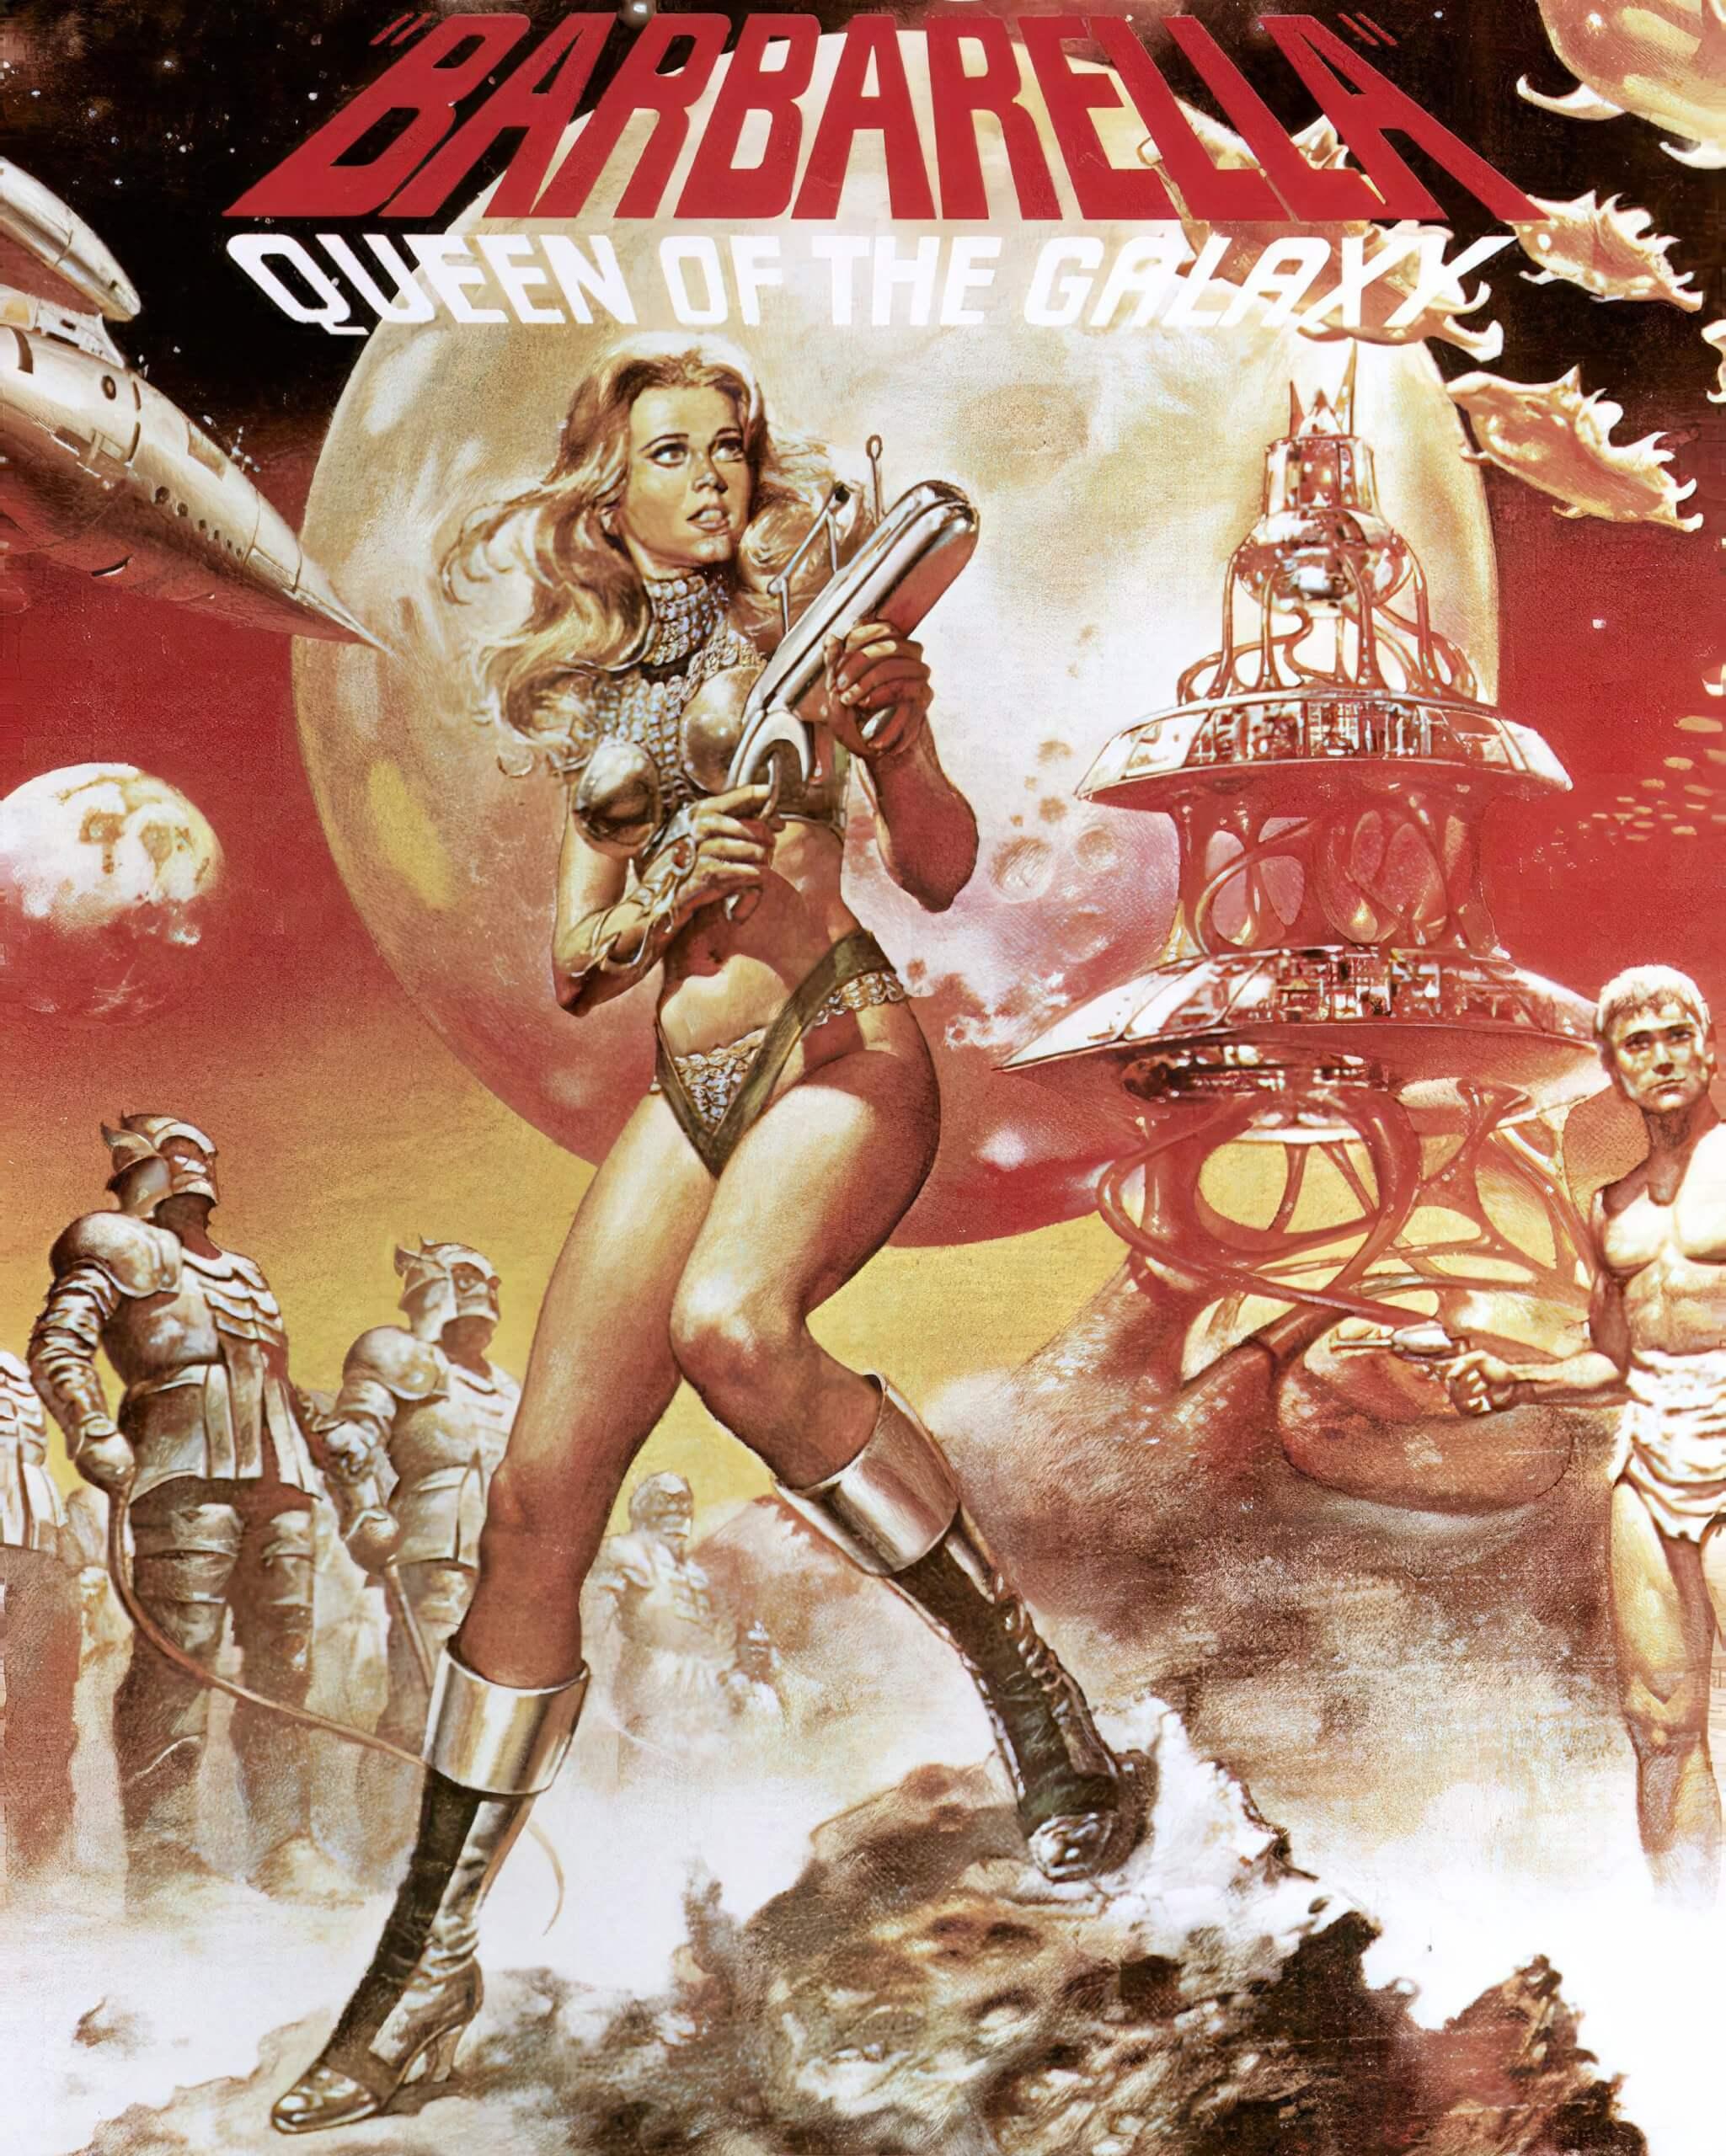 женщина в открытой одежде и с футуристическим оружием стоит на неизвестной планете